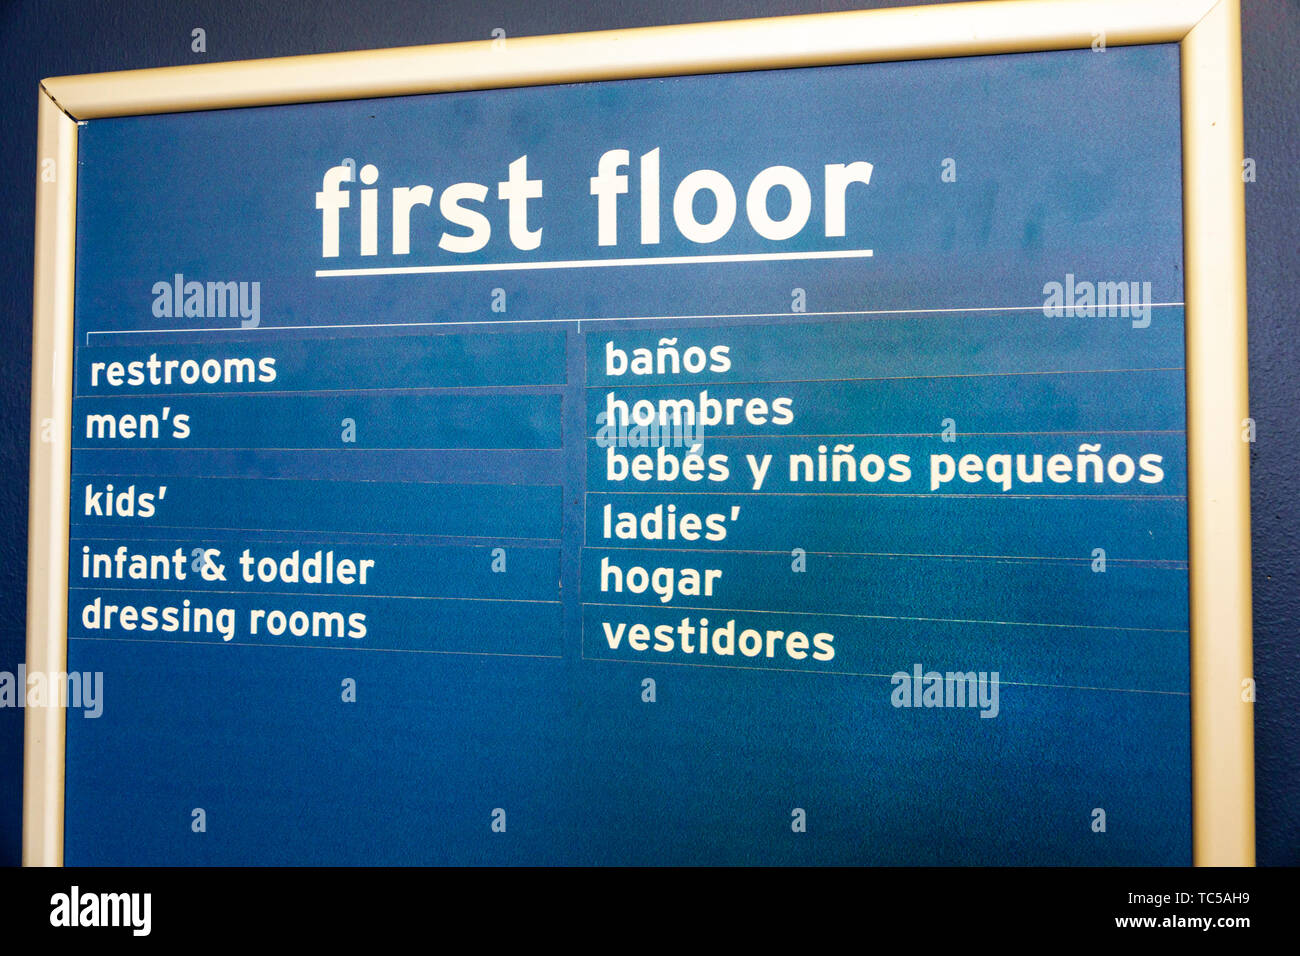 Miami Florida inglese spagnolo bilingue Lingua segno directory negozio bagni spogliatoi Immagini Stock